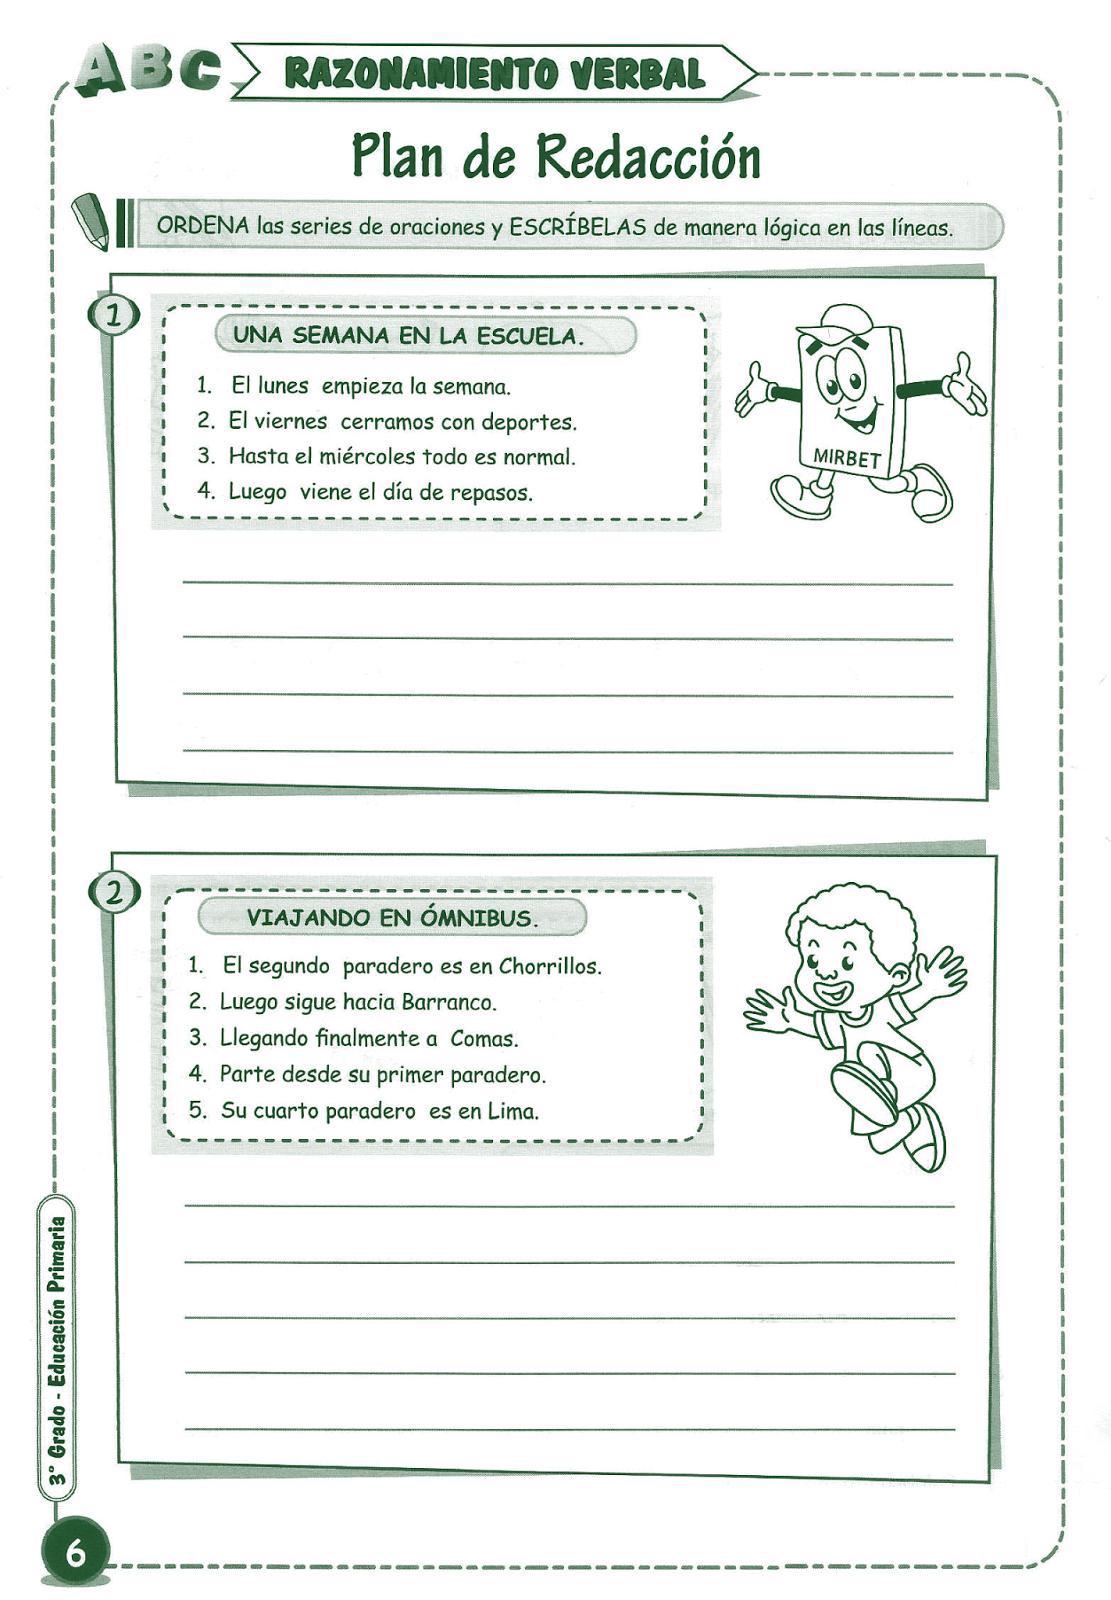 Plan de Redacción para niños 3° Grado Primaria | Razonamiento Verbal